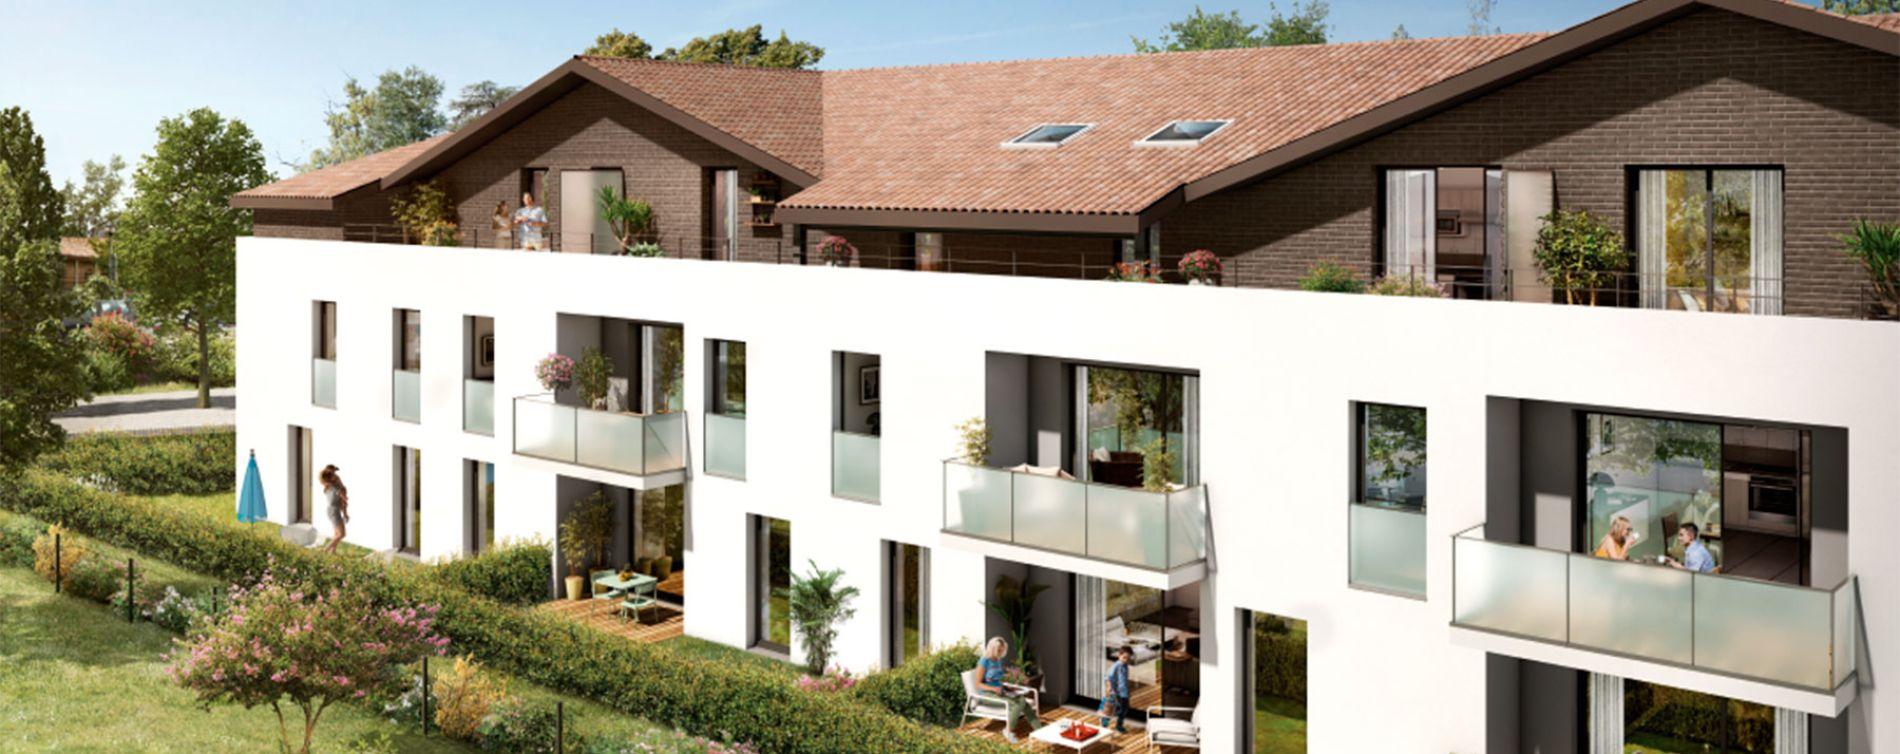 Mondonville : programme immobilier neuve « Via Notte » (2)